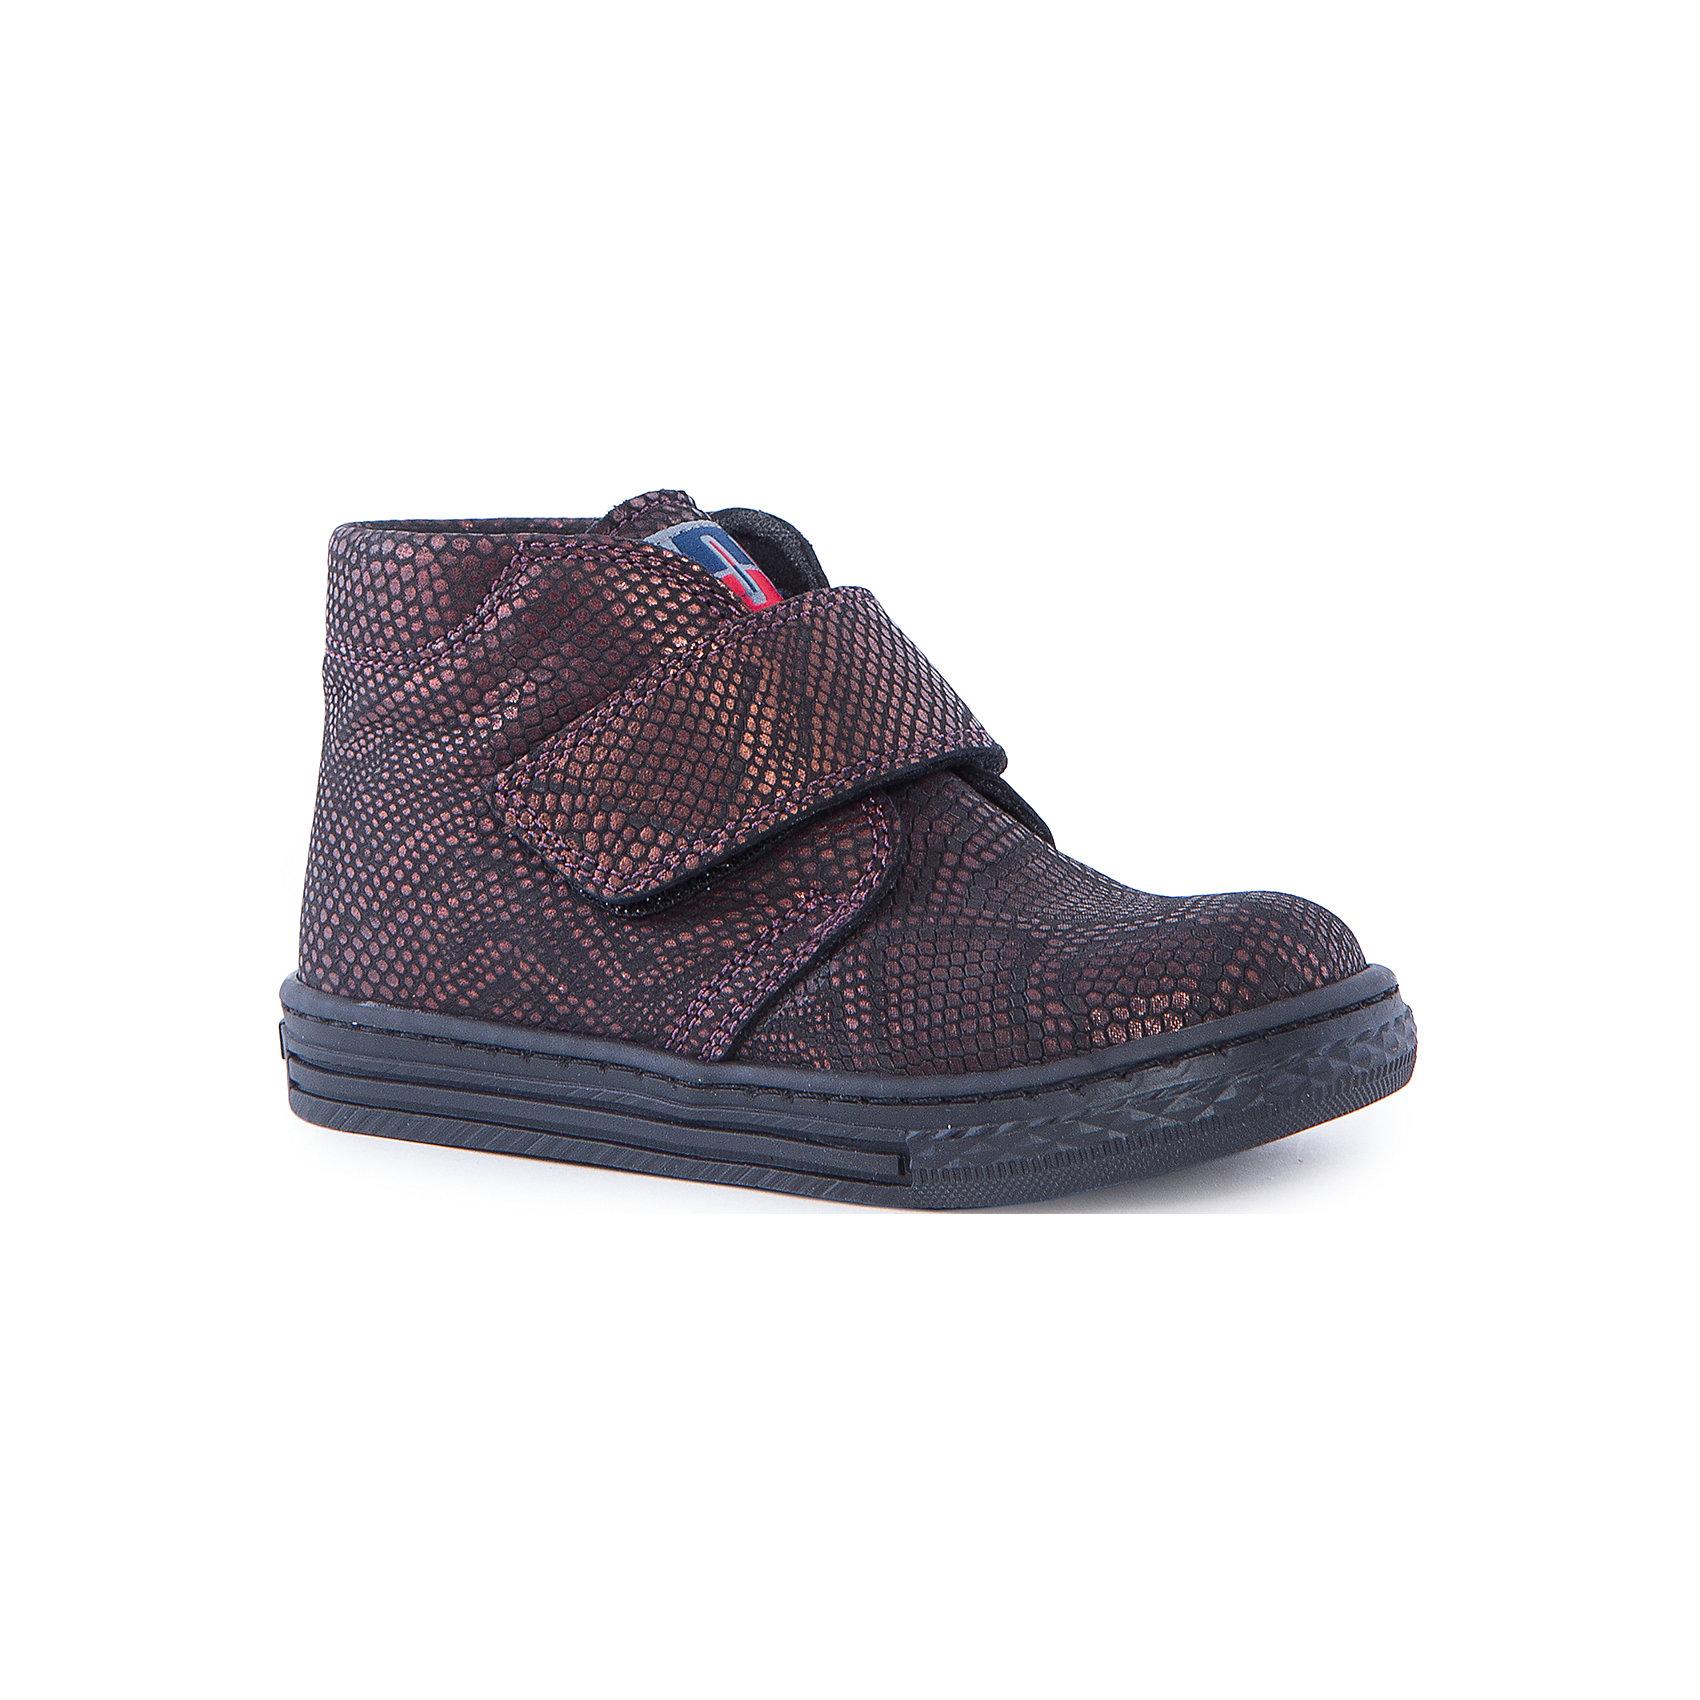 Ботинки для девочки MinimenБотинки<br>Удобные ботиночки от Minimen имеют ортопедическую стельку и изготовлены из натуральной кожи. Ботинки плотно фиксируют ногу, благодаря твердому заднику и крупным липучкам-застежкам. Отличный выбор для тех, кто ценит комфорт и качество!<br><br>Дополнительная информация:<br>Стелька: супинатор<br>Цвет: коричневый<br>Материал: 100% кожа. Подкладка: текстиль<br>Сезон: осень-зима<br><br>Ботинки Minimen можно купить в нашем интернет-магазине.<br><br>Ширина мм: 262<br>Глубина мм: 176<br>Высота мм: 97<br>Вес г: 427<br>Цвет: красный<br>Возраст от месяцев: 24<br>Возраст до месяцев: 24<br>Пол: Женский<br>Возраст: Детский<br>Размер: 25,30,26,27,28,29<br>SKU: 4970024